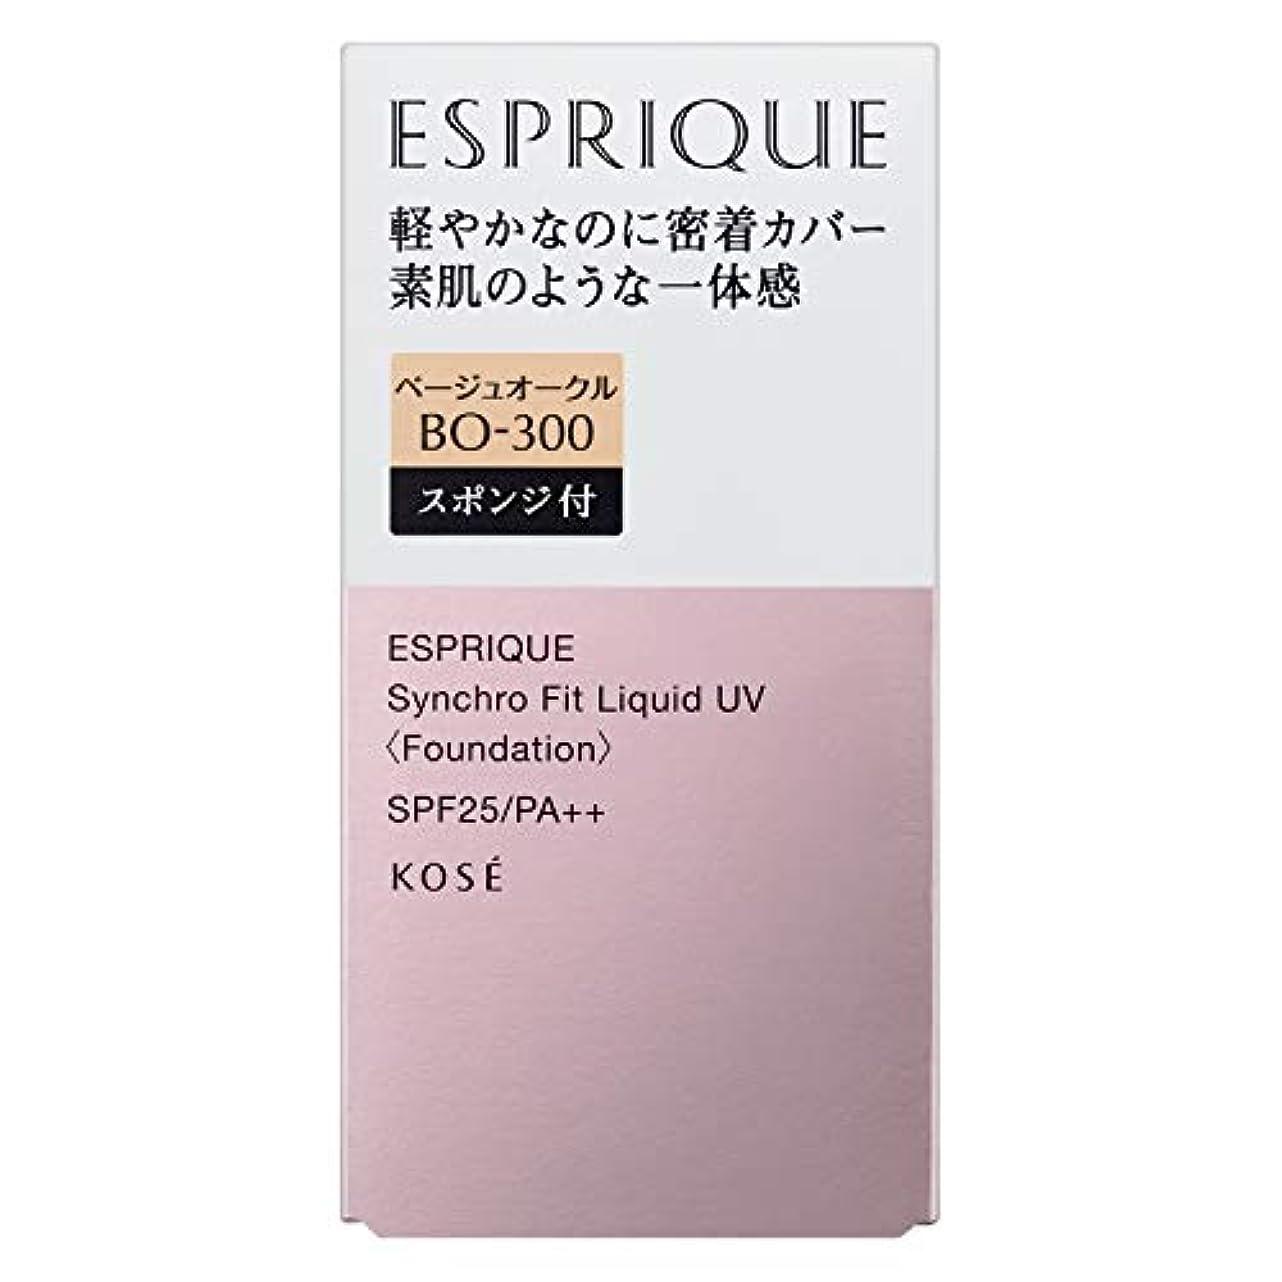 有益拮抗する影響ESPRIQUE(エスプリーク) エスプリーク シンクロフィット リキッド UV ファンデーション 無香料 BO-300 ベージュオークル 30g